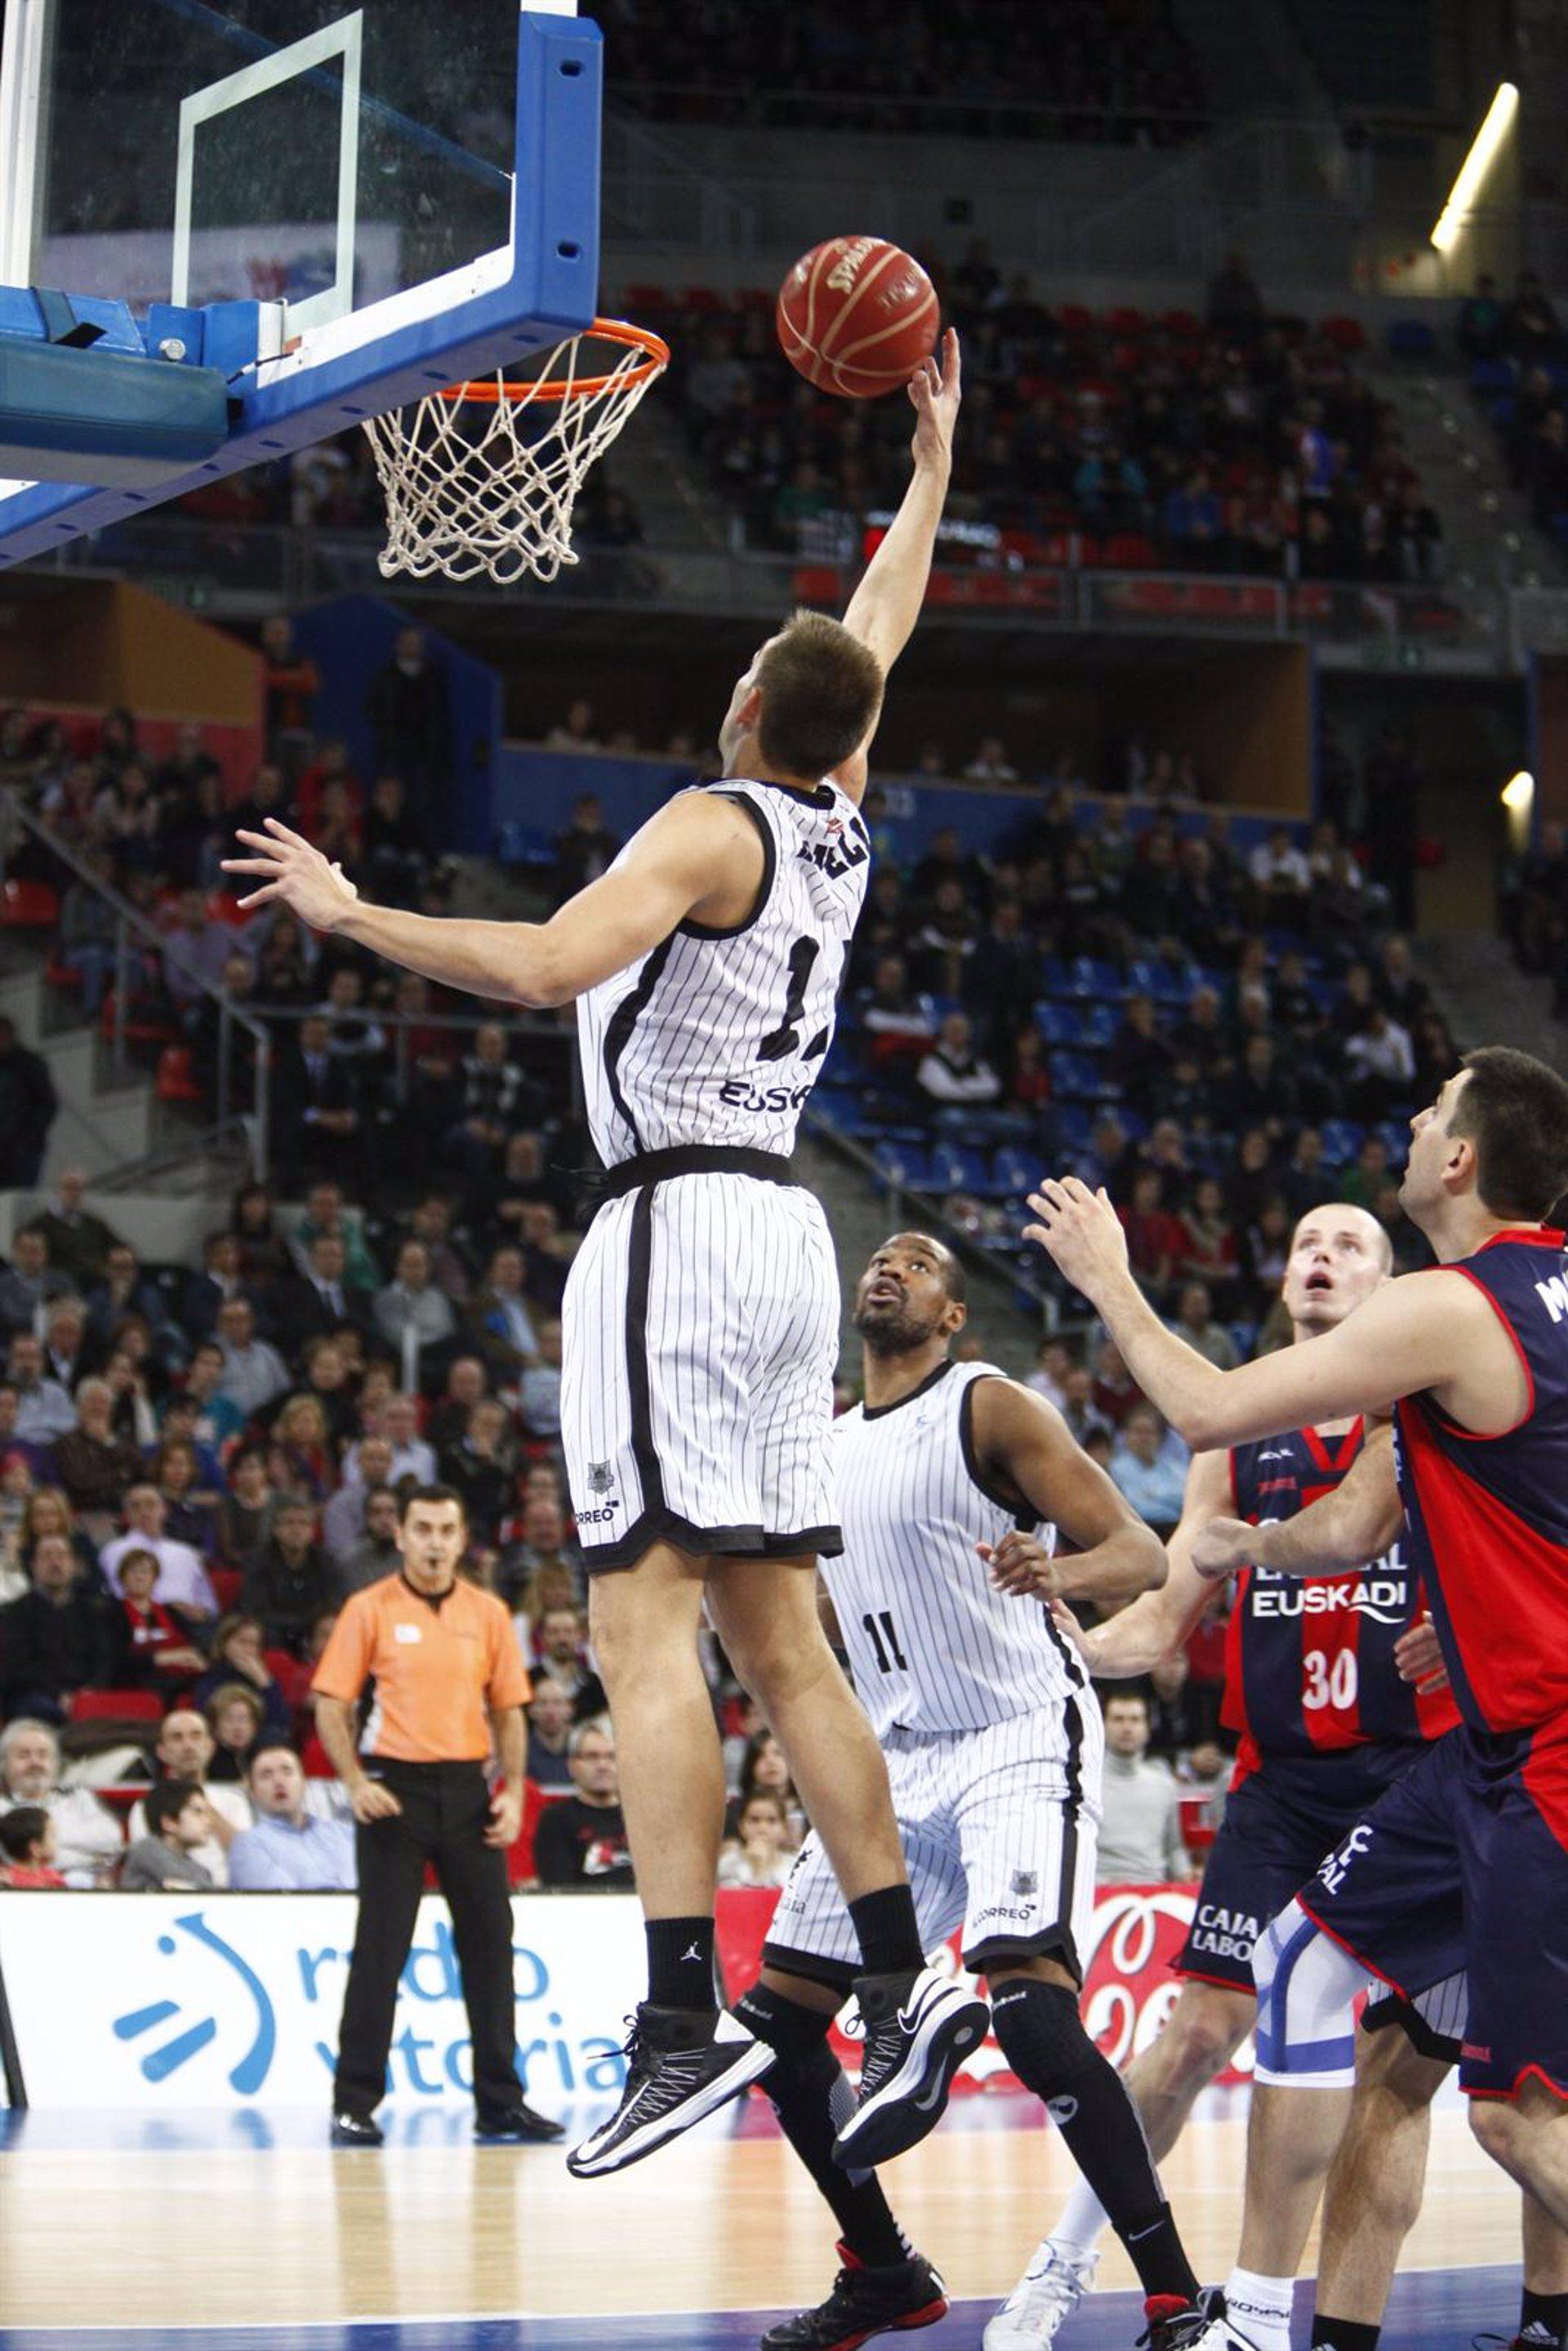 La final de la Eurocup obliga a aplazar sin fecha el Uxue Bilbao Basket-Caja Laboral